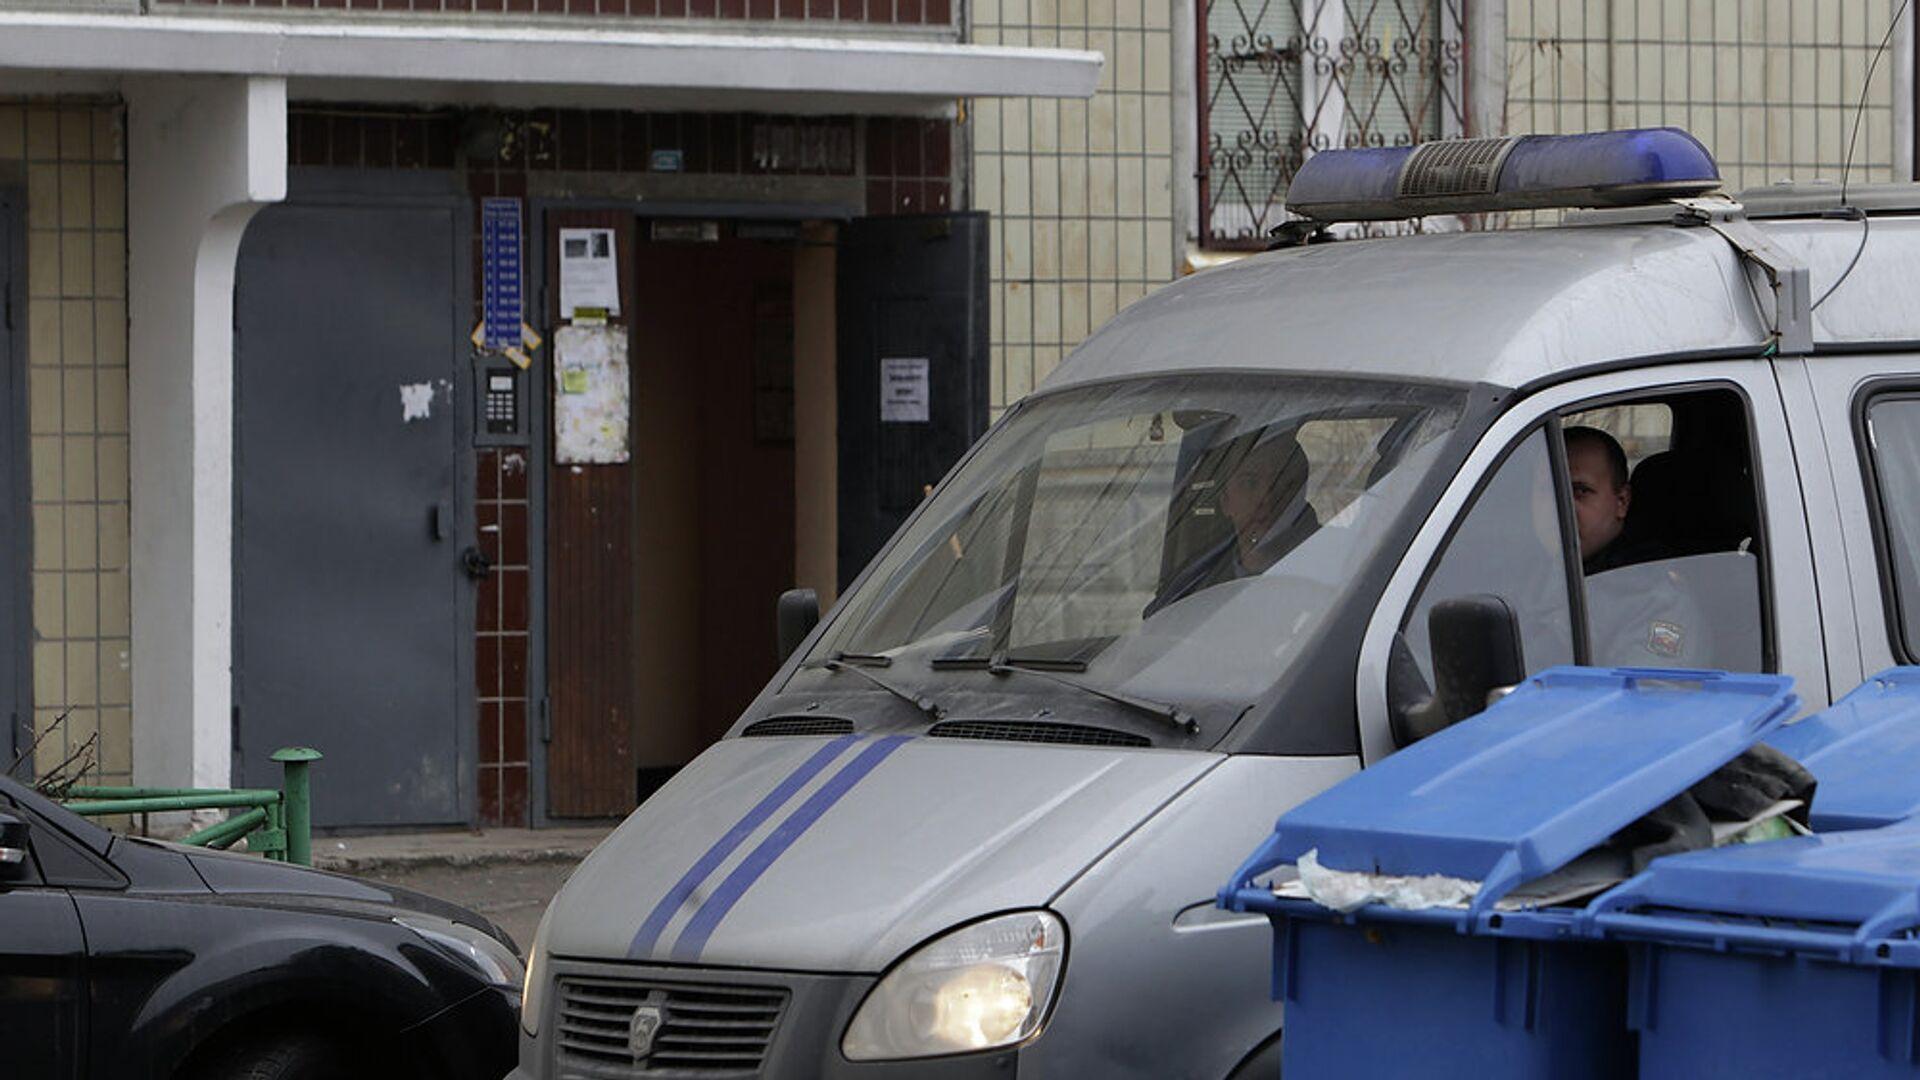 Полиция работает на месте взрыва гранаты в жилом доме в Петербурге - РИА Новости, 1920, 29.06.2020